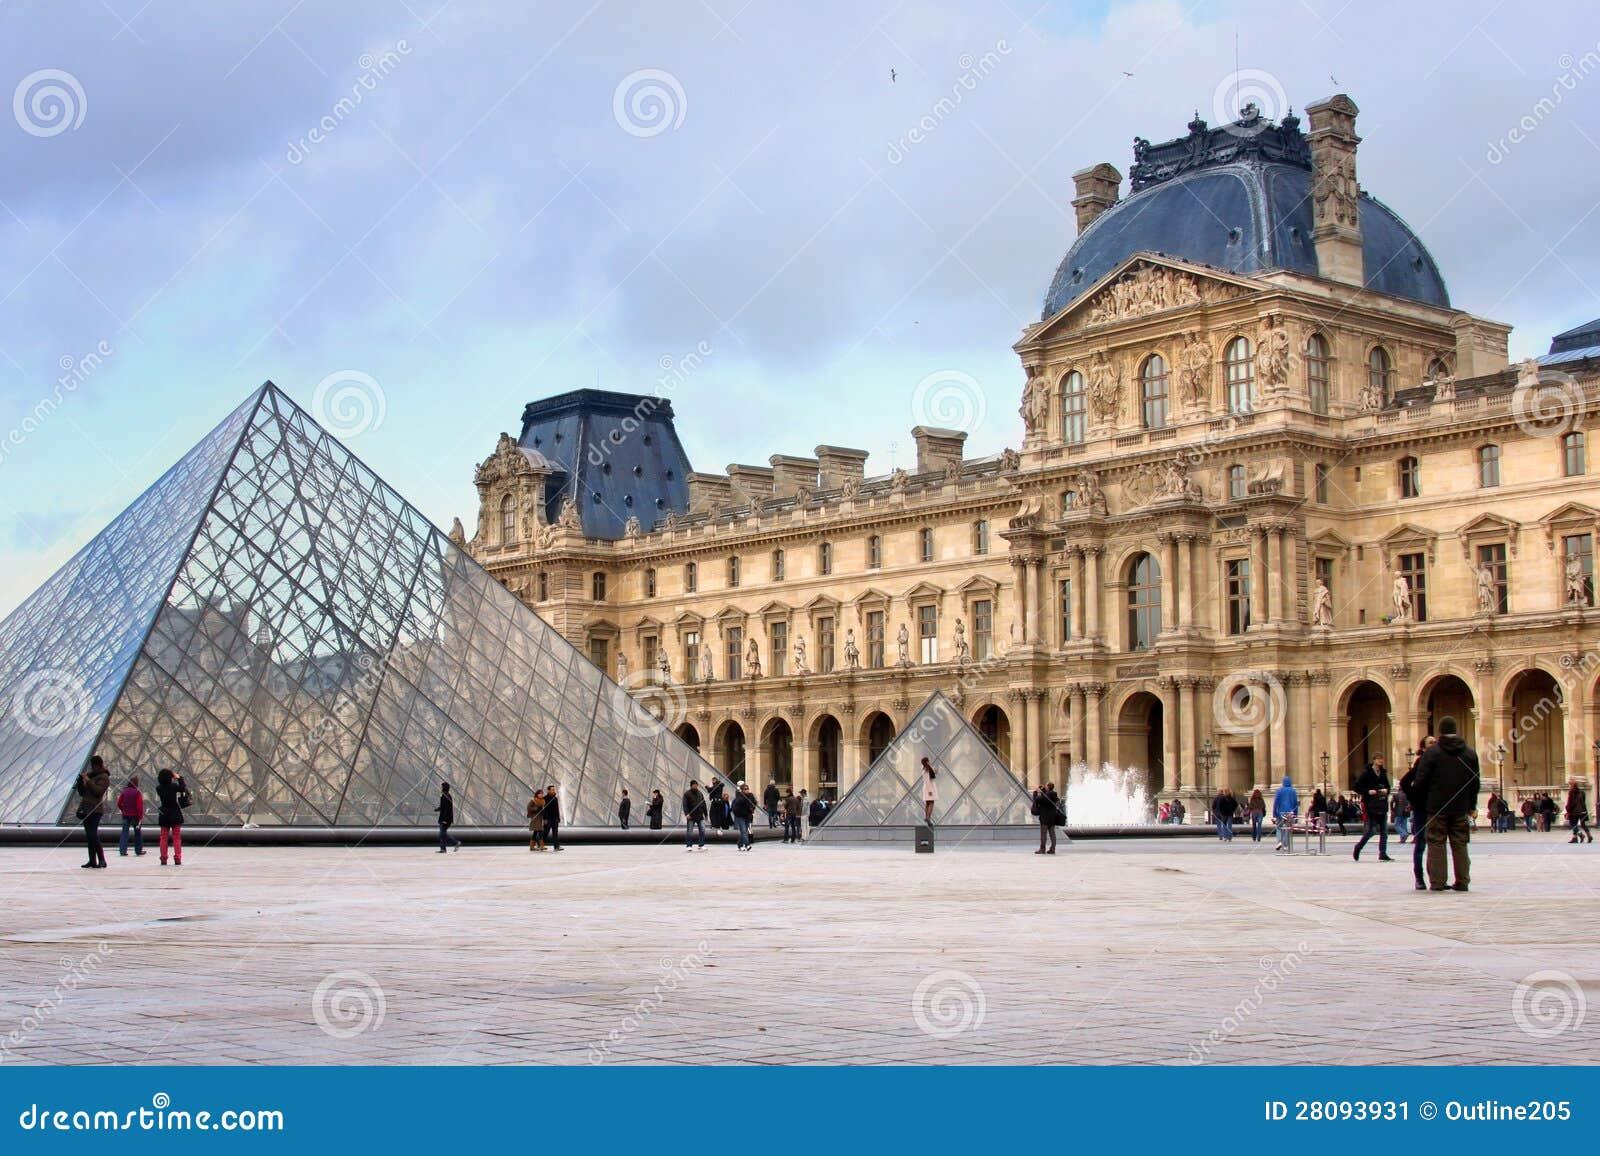 Μουσείο του Λούβρου στο Παρίσι Εκδοτική Εικόνες - εικόνα από louvre,  arroyos: 28093931